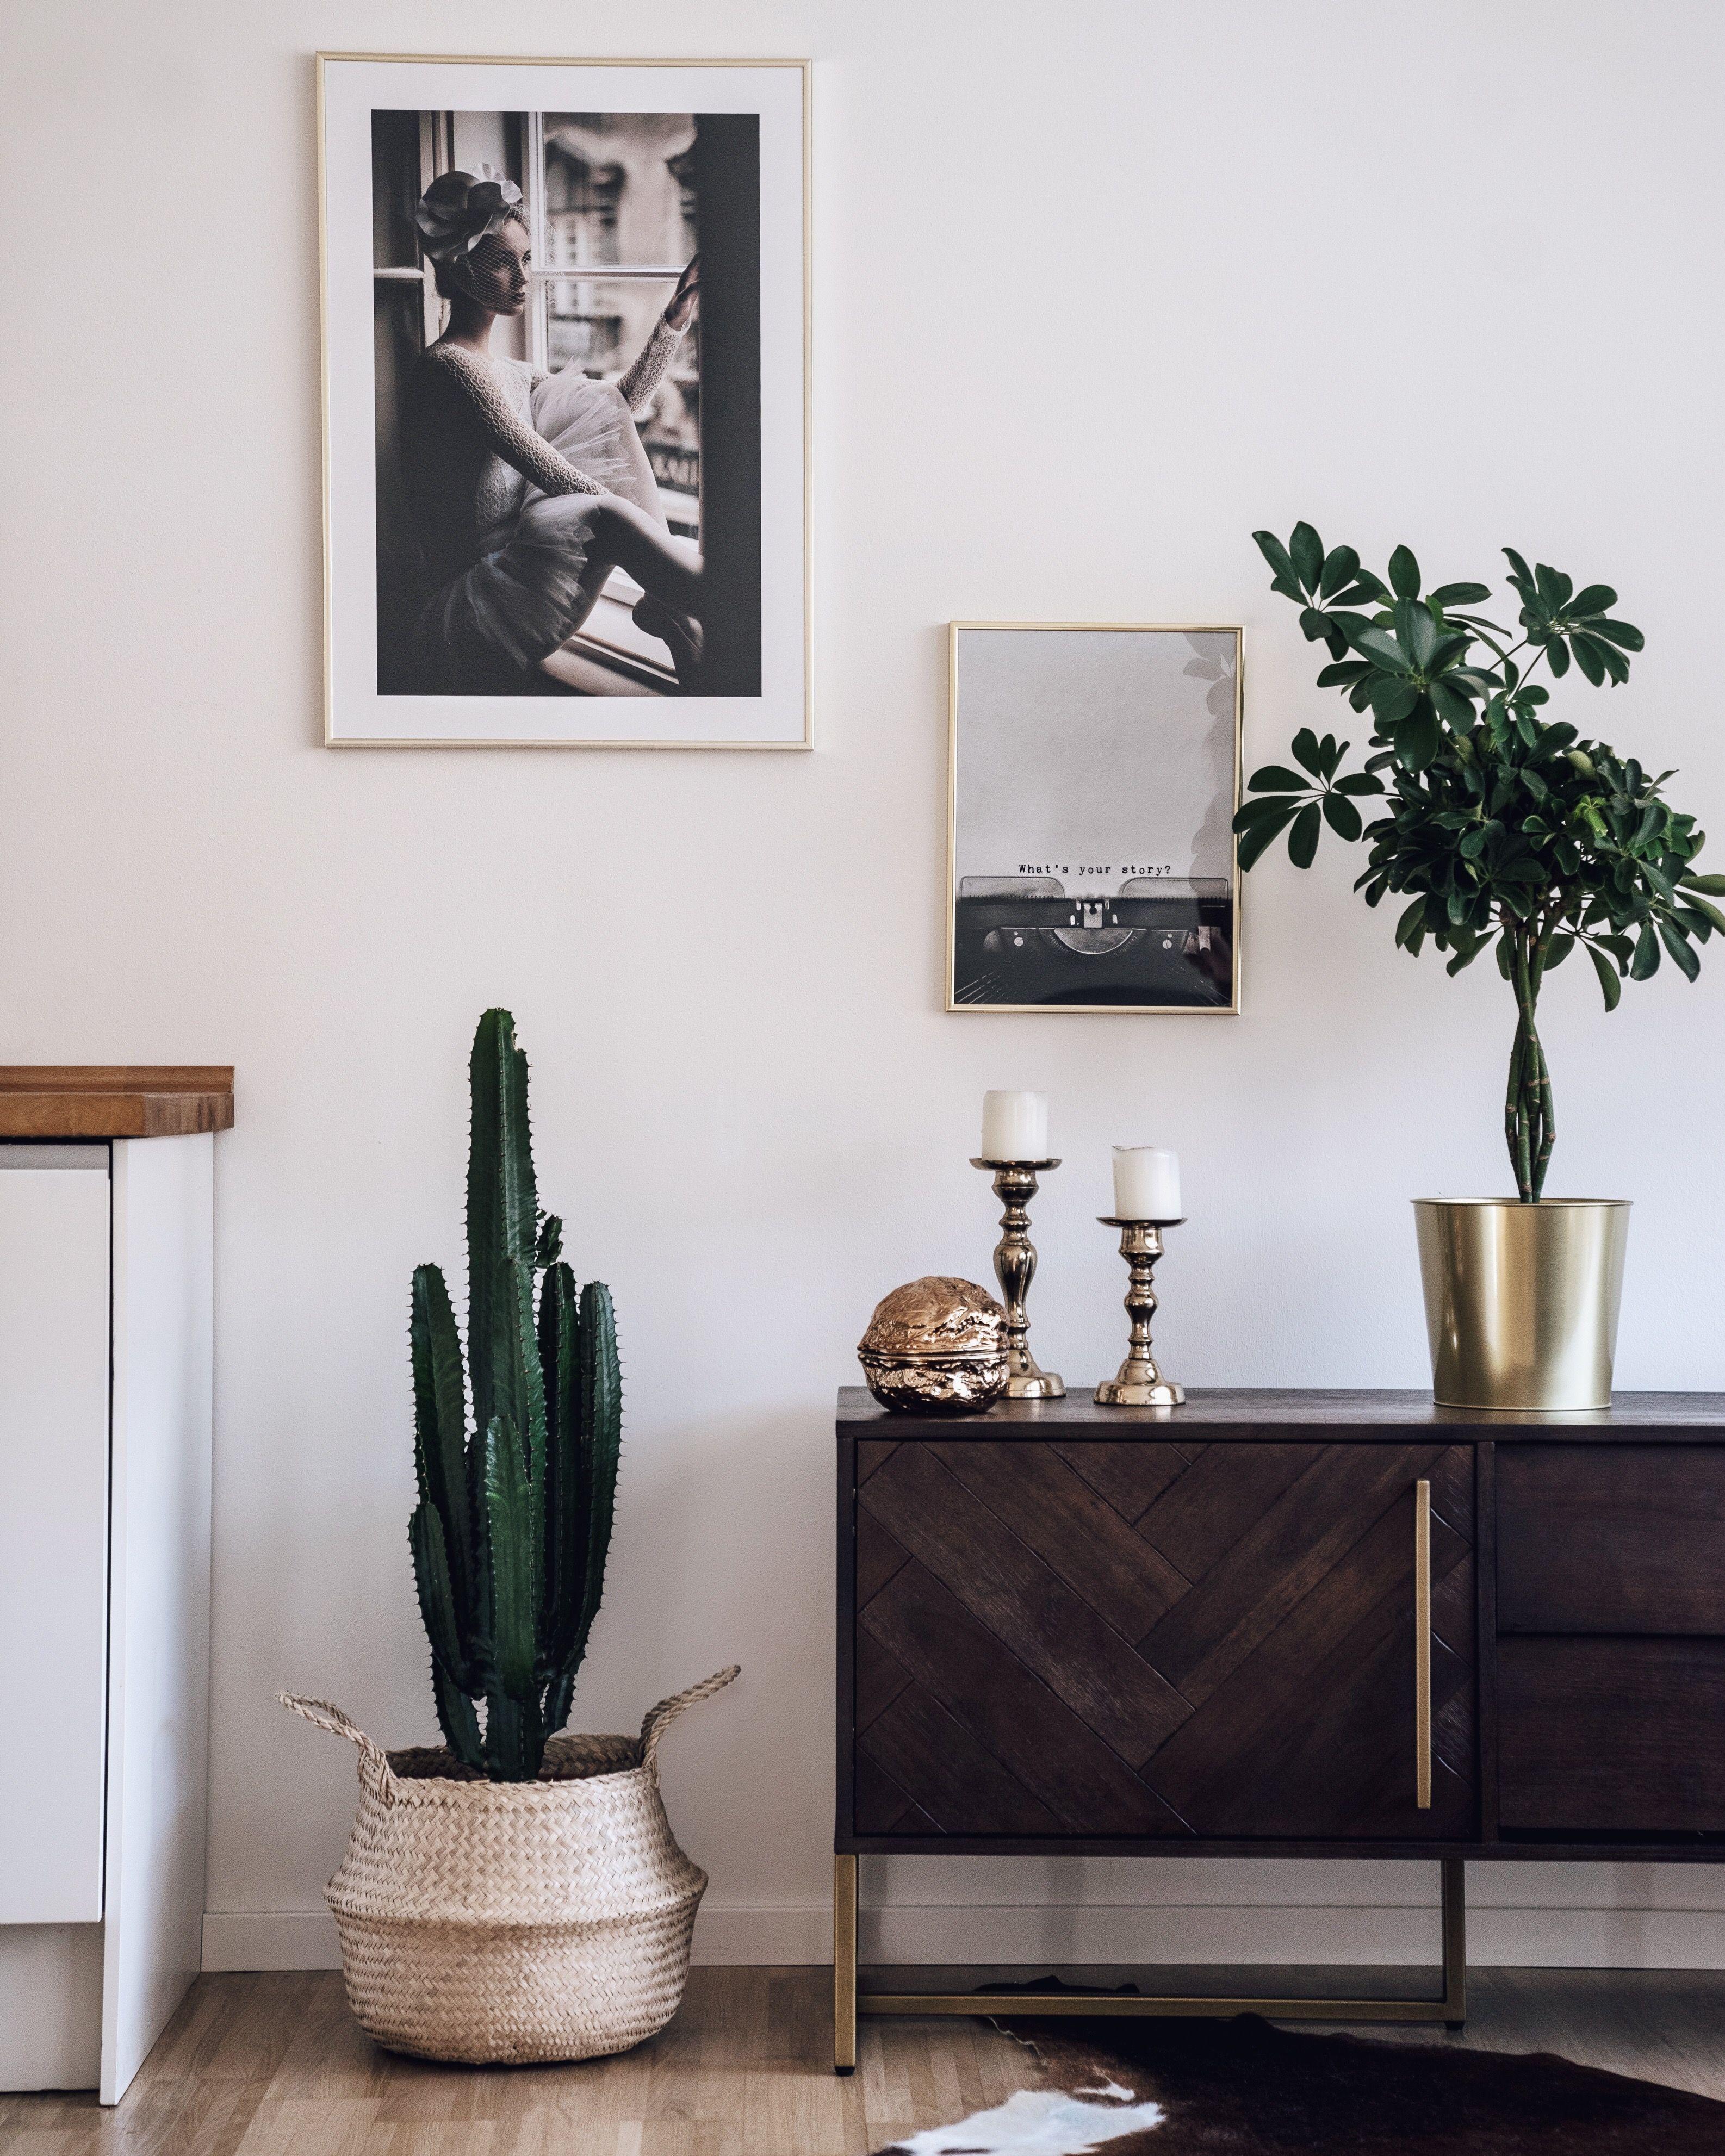 Vintage Interior Inspo Interior Design Kaktus Bastkorb Poster Von Desenio Gold Boho Interior Pflanzen Inneneinrichtung Innenarchitektur Zimmerdekoration